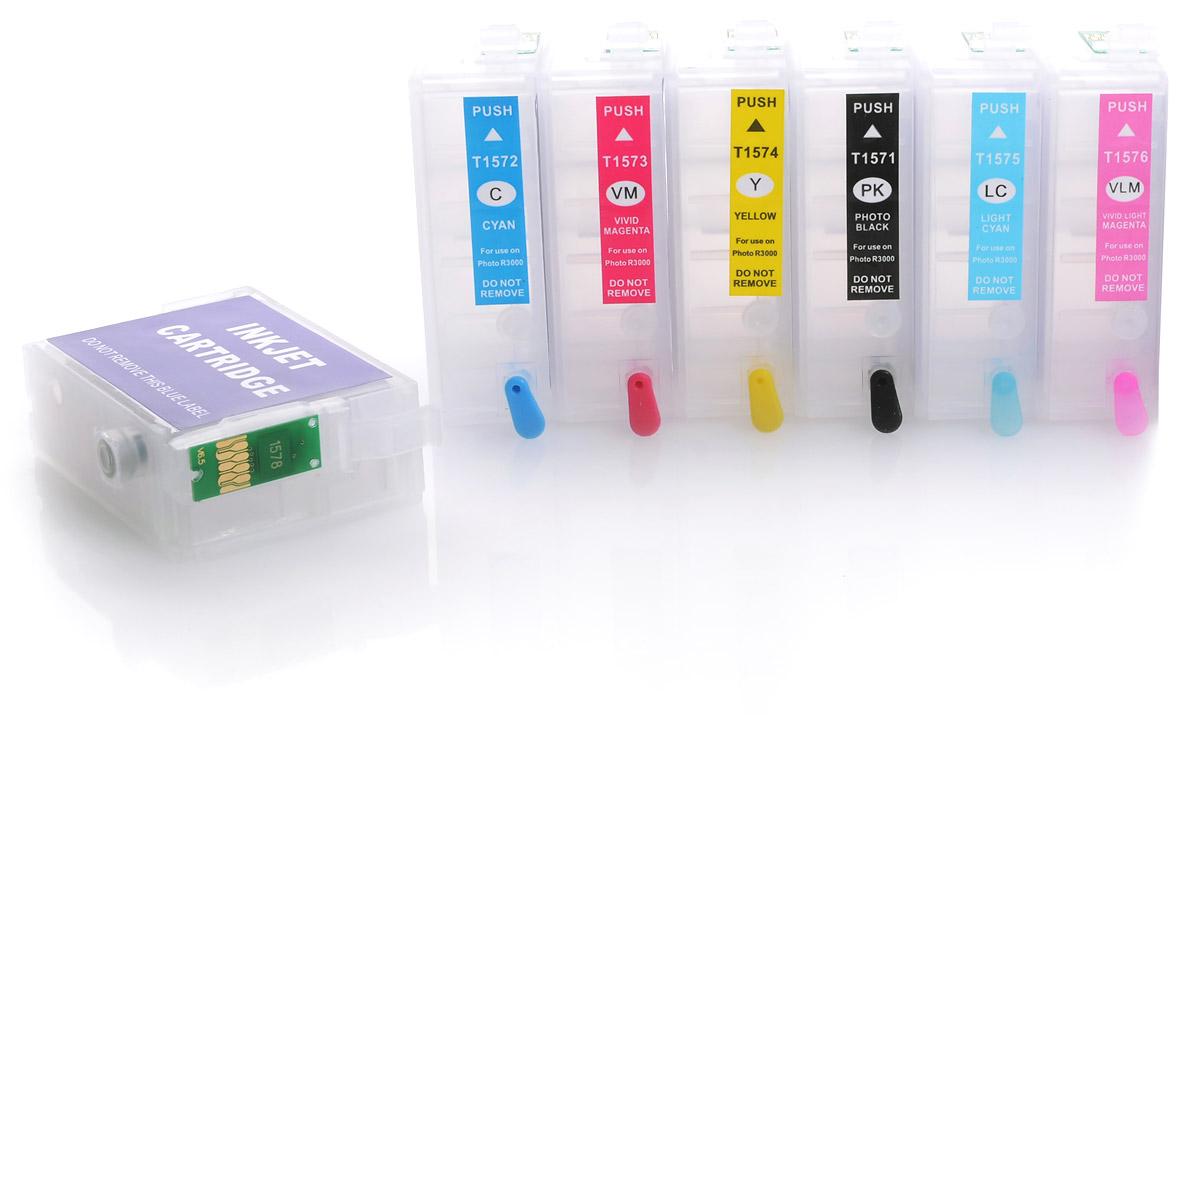 7x Refill Kartuschen für Epson Stylus Photo 2100 | kompatibel